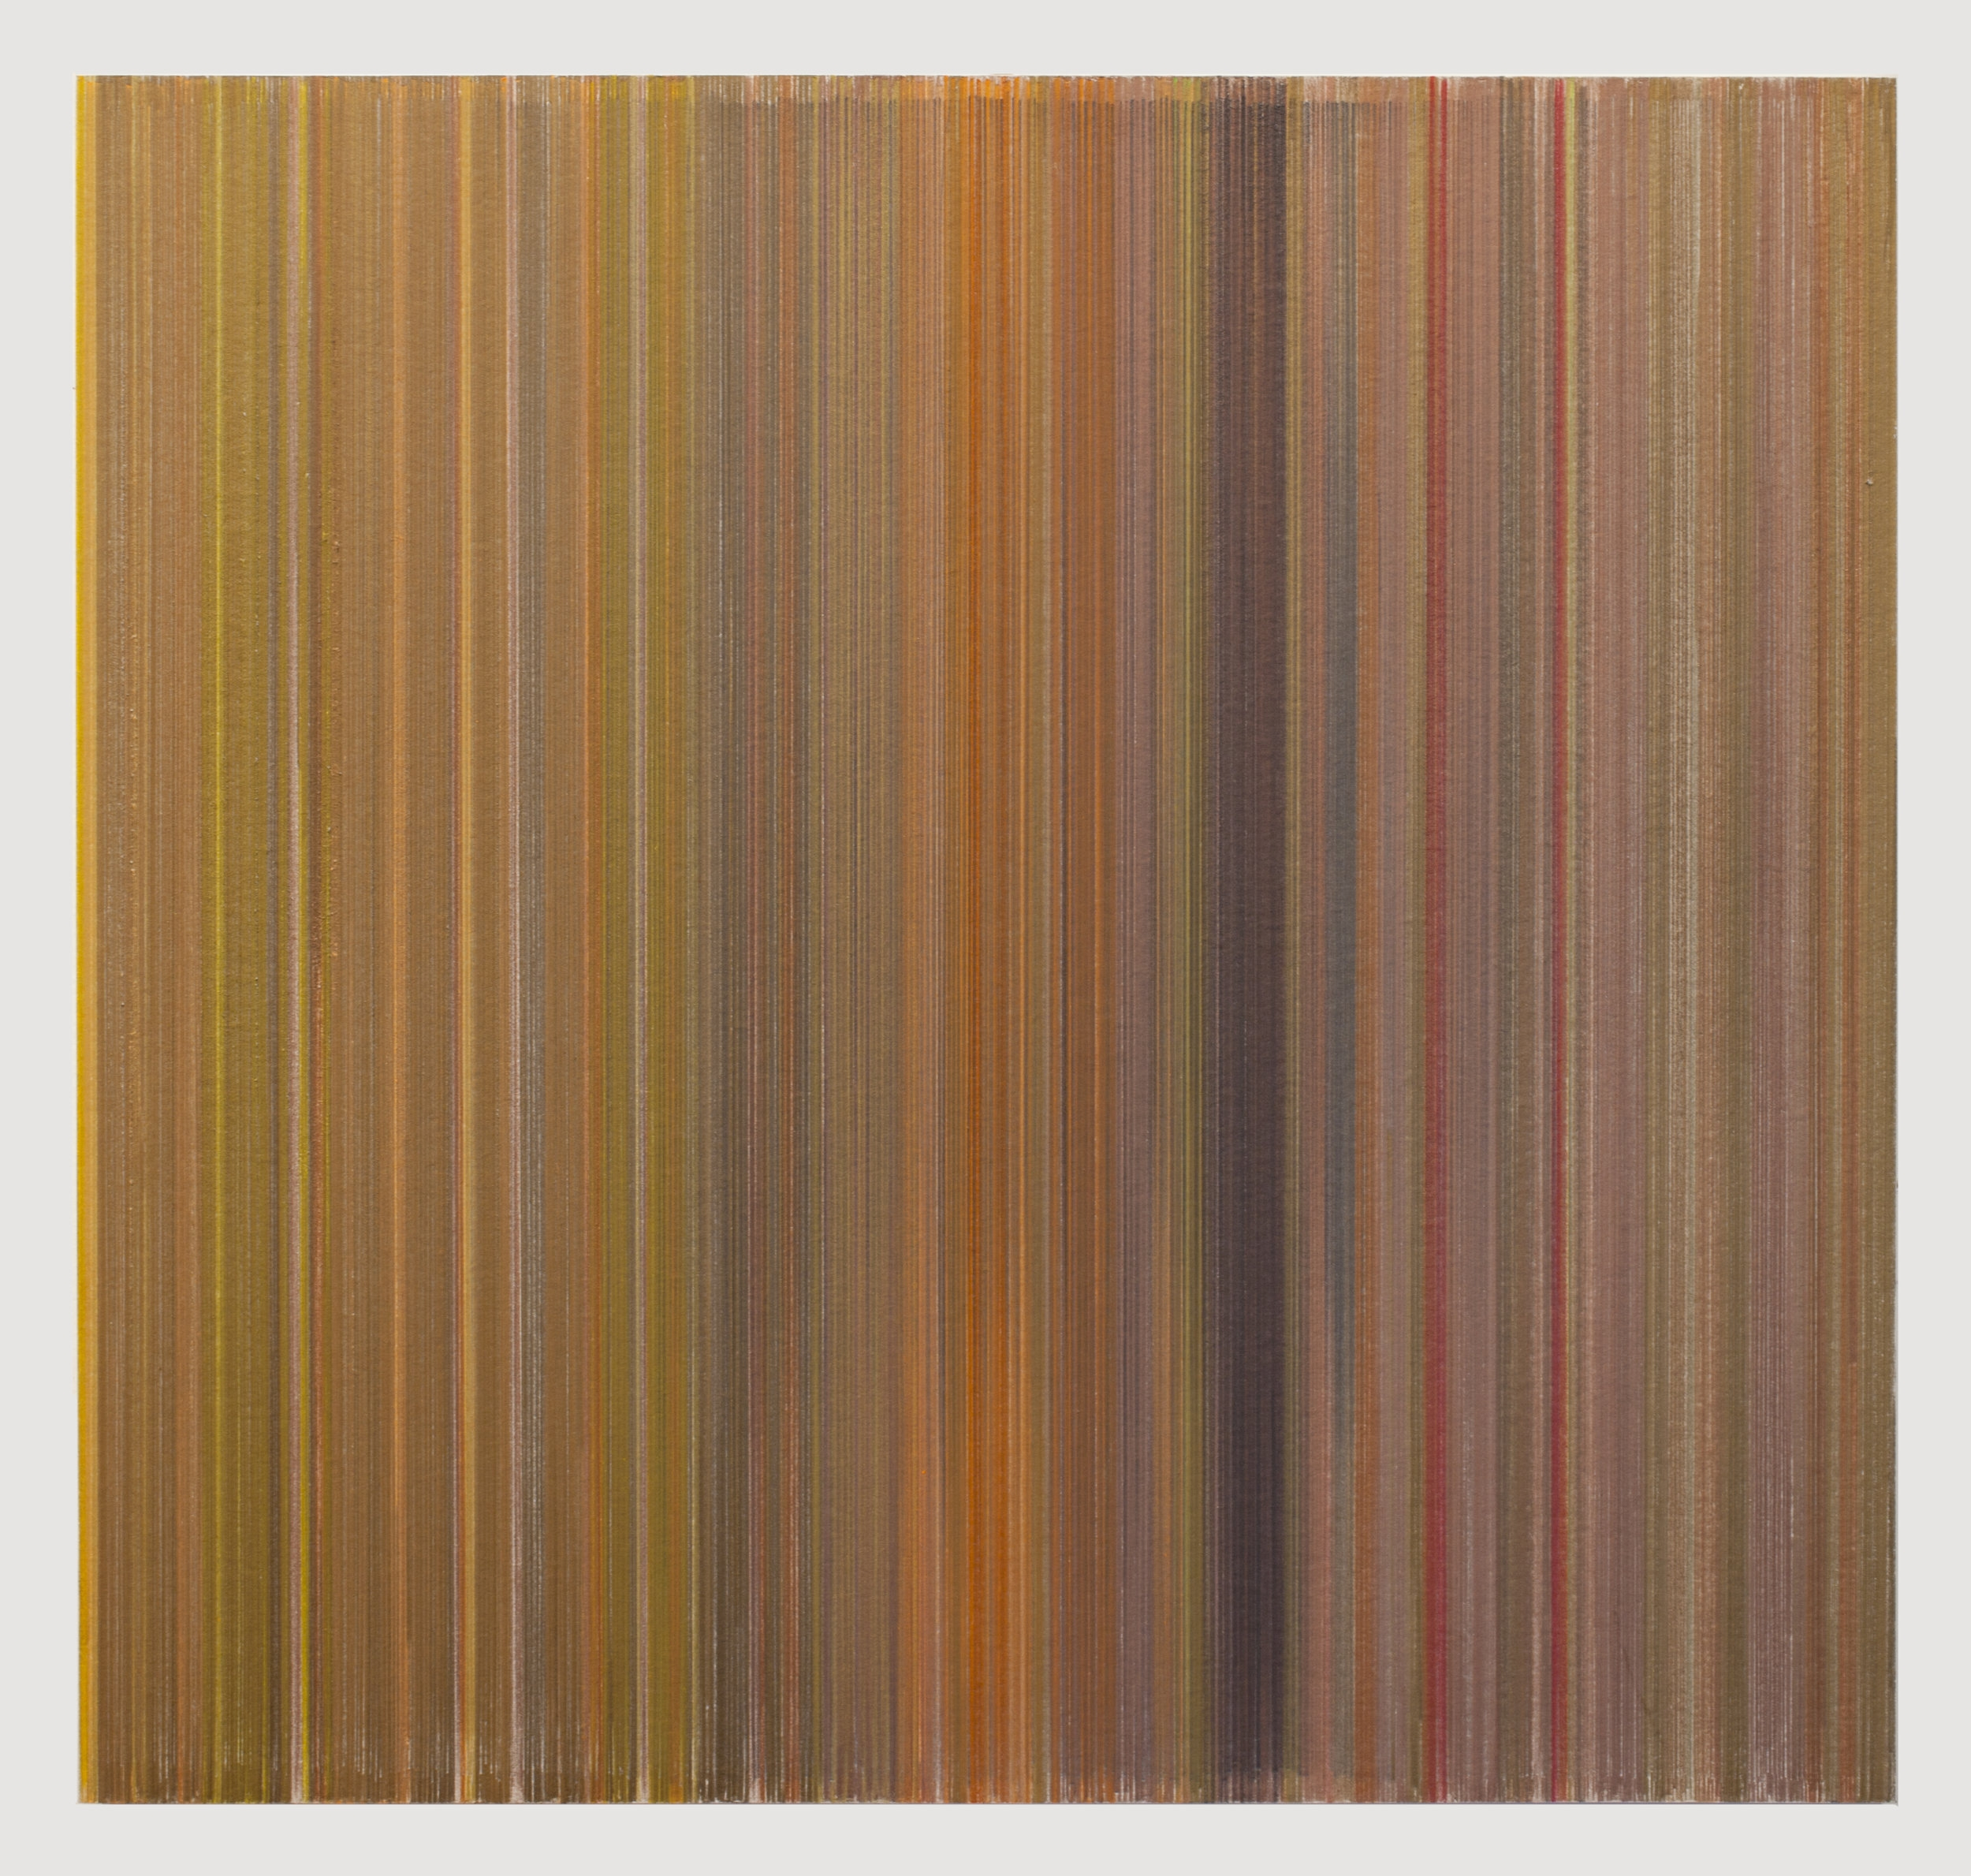 Anne Lindberg,   vertigo  , 2017 graphite and colored pencil on mat board, 19 by 18 inches